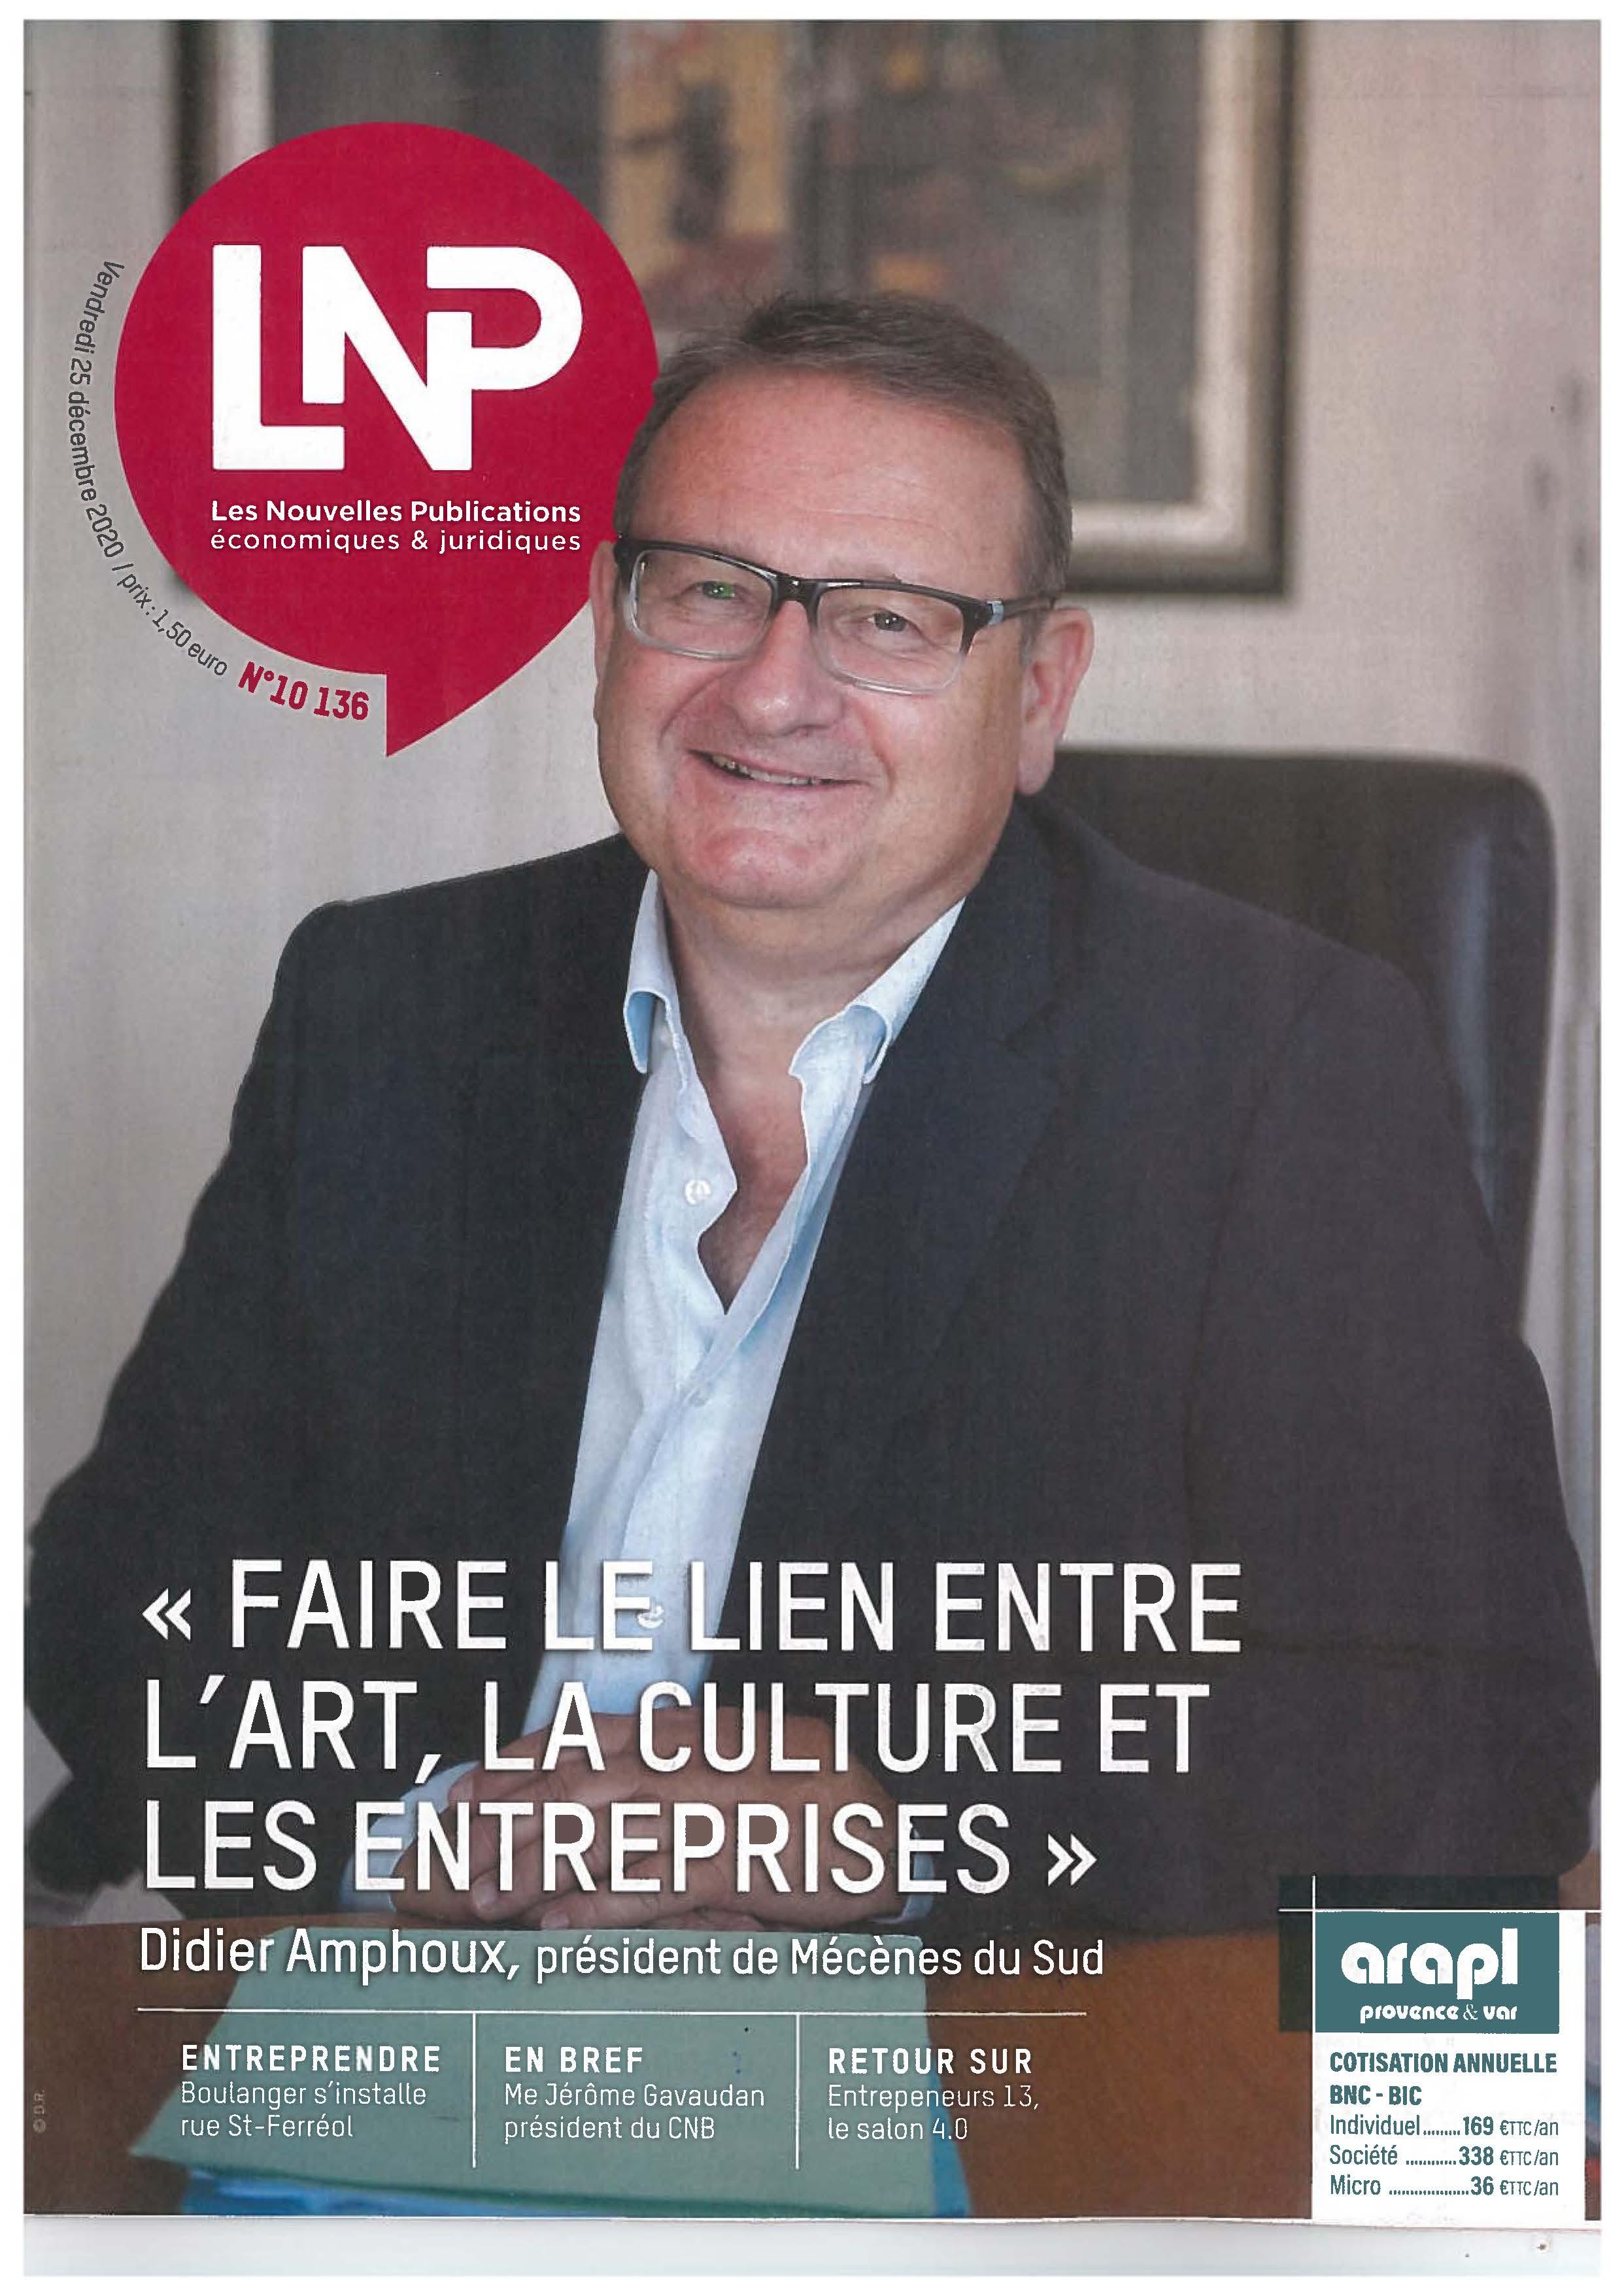 Interview de Didier Amphoux par Les Nouvelles Publications